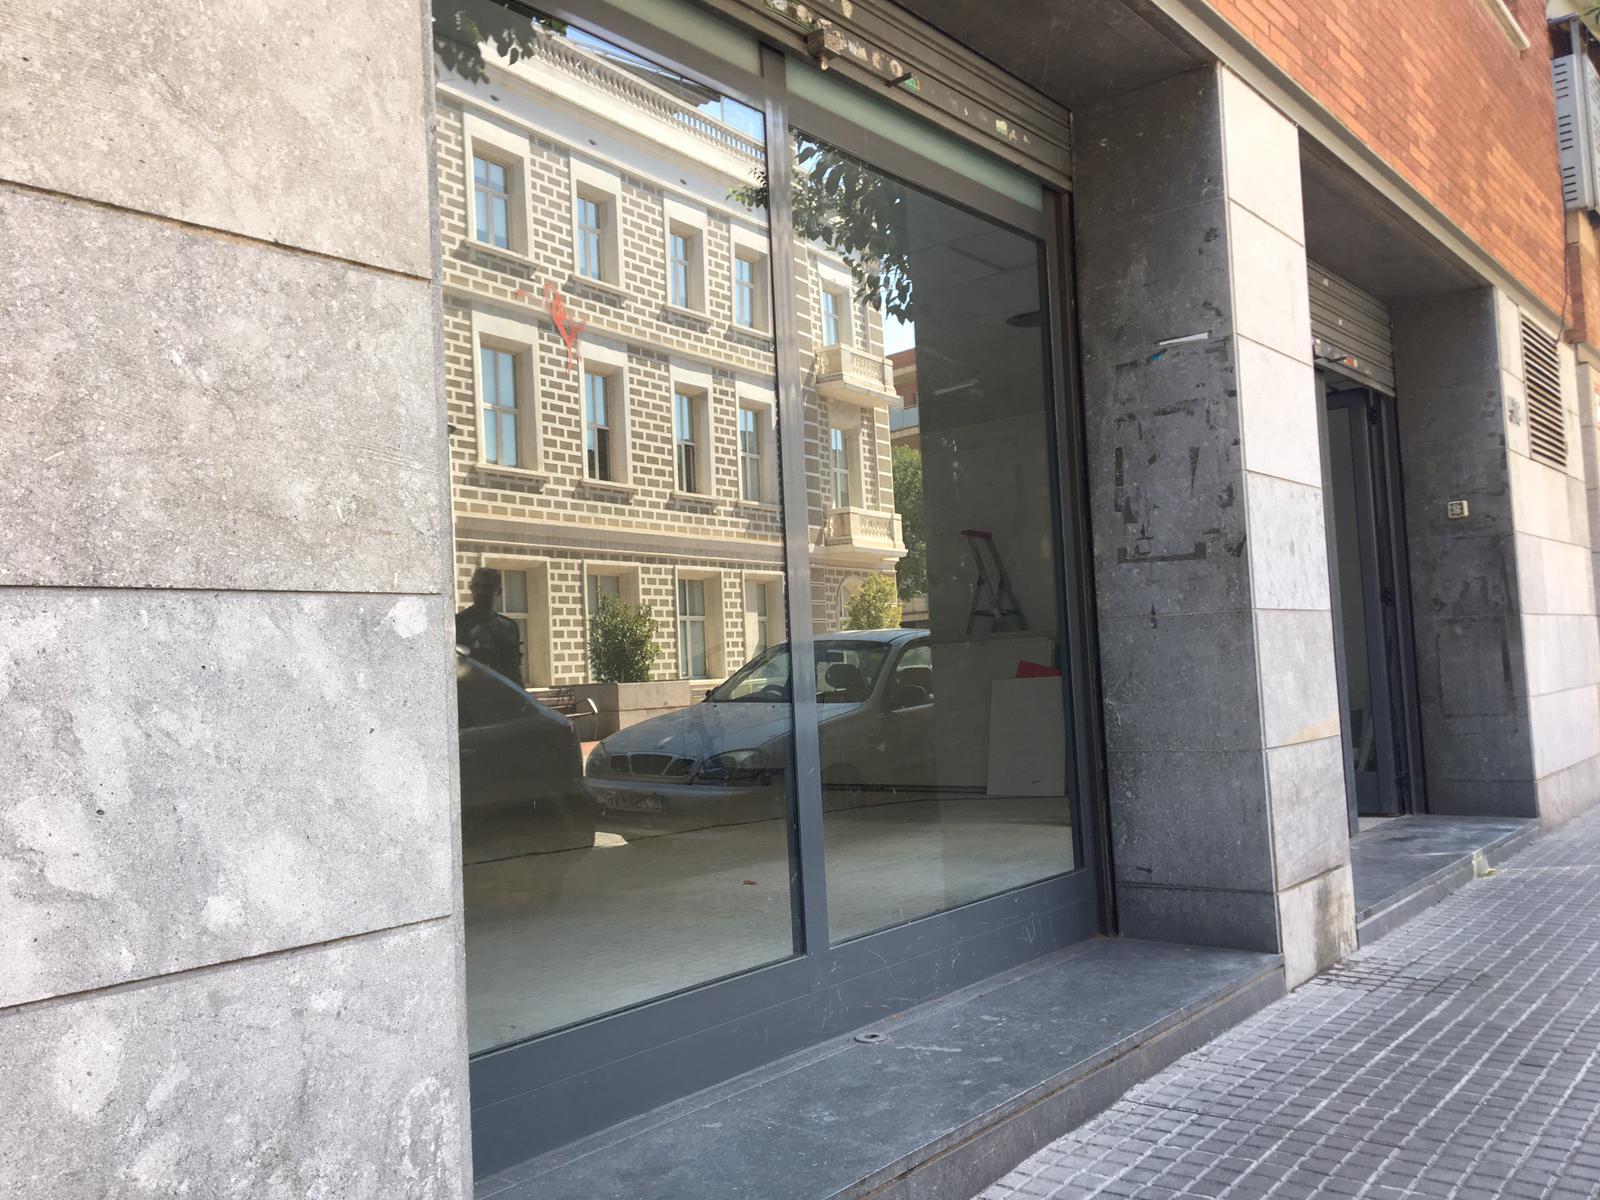 PHOTO 2019 08 02 17 33 21 - Inmobiliaria Selkies - Alquiler Piso en Barcelona